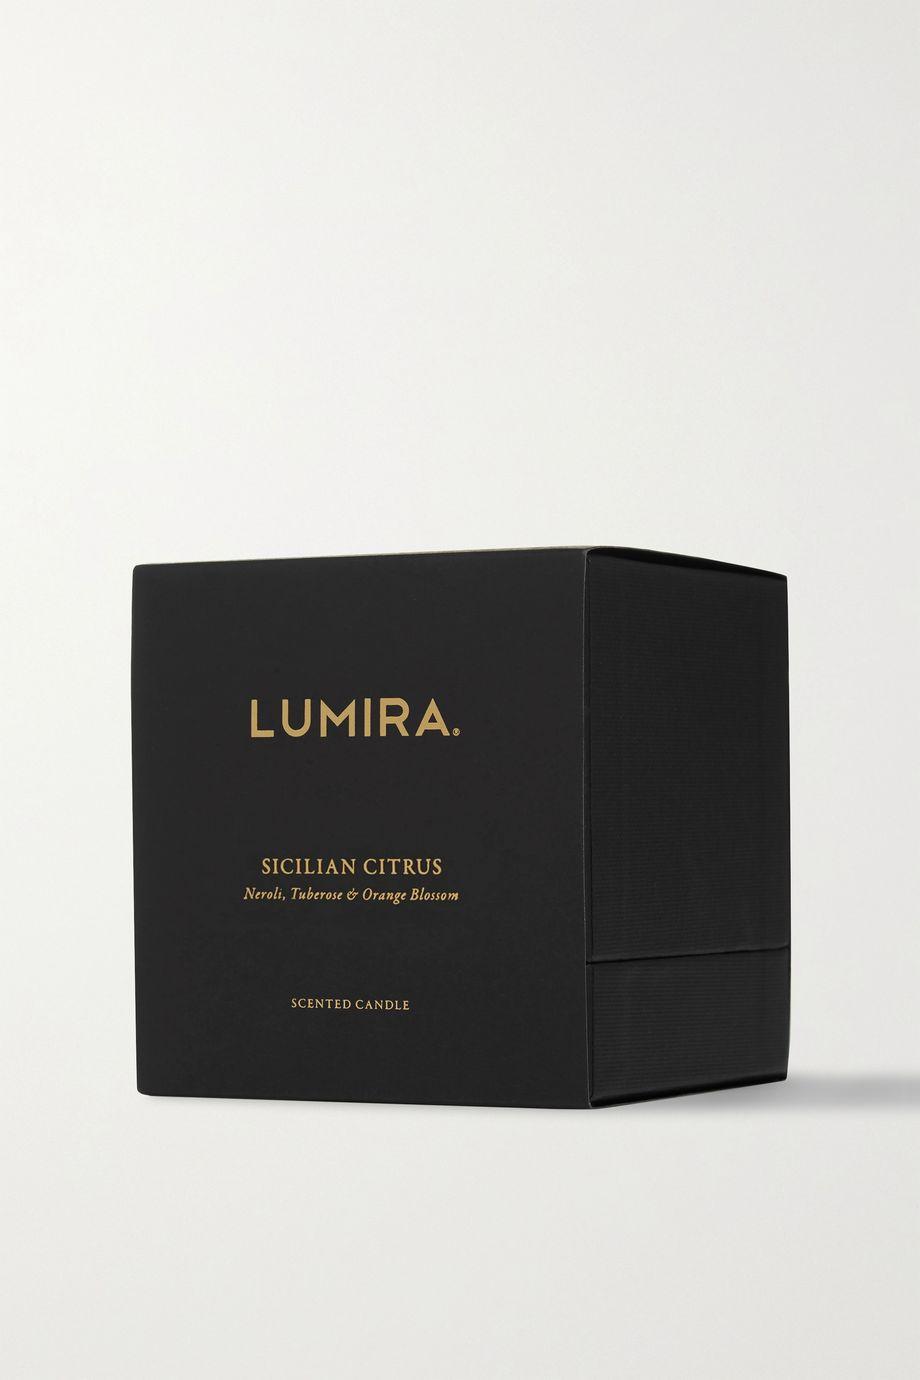 LUMIRA Sicilian Citrus scented candle, 300g